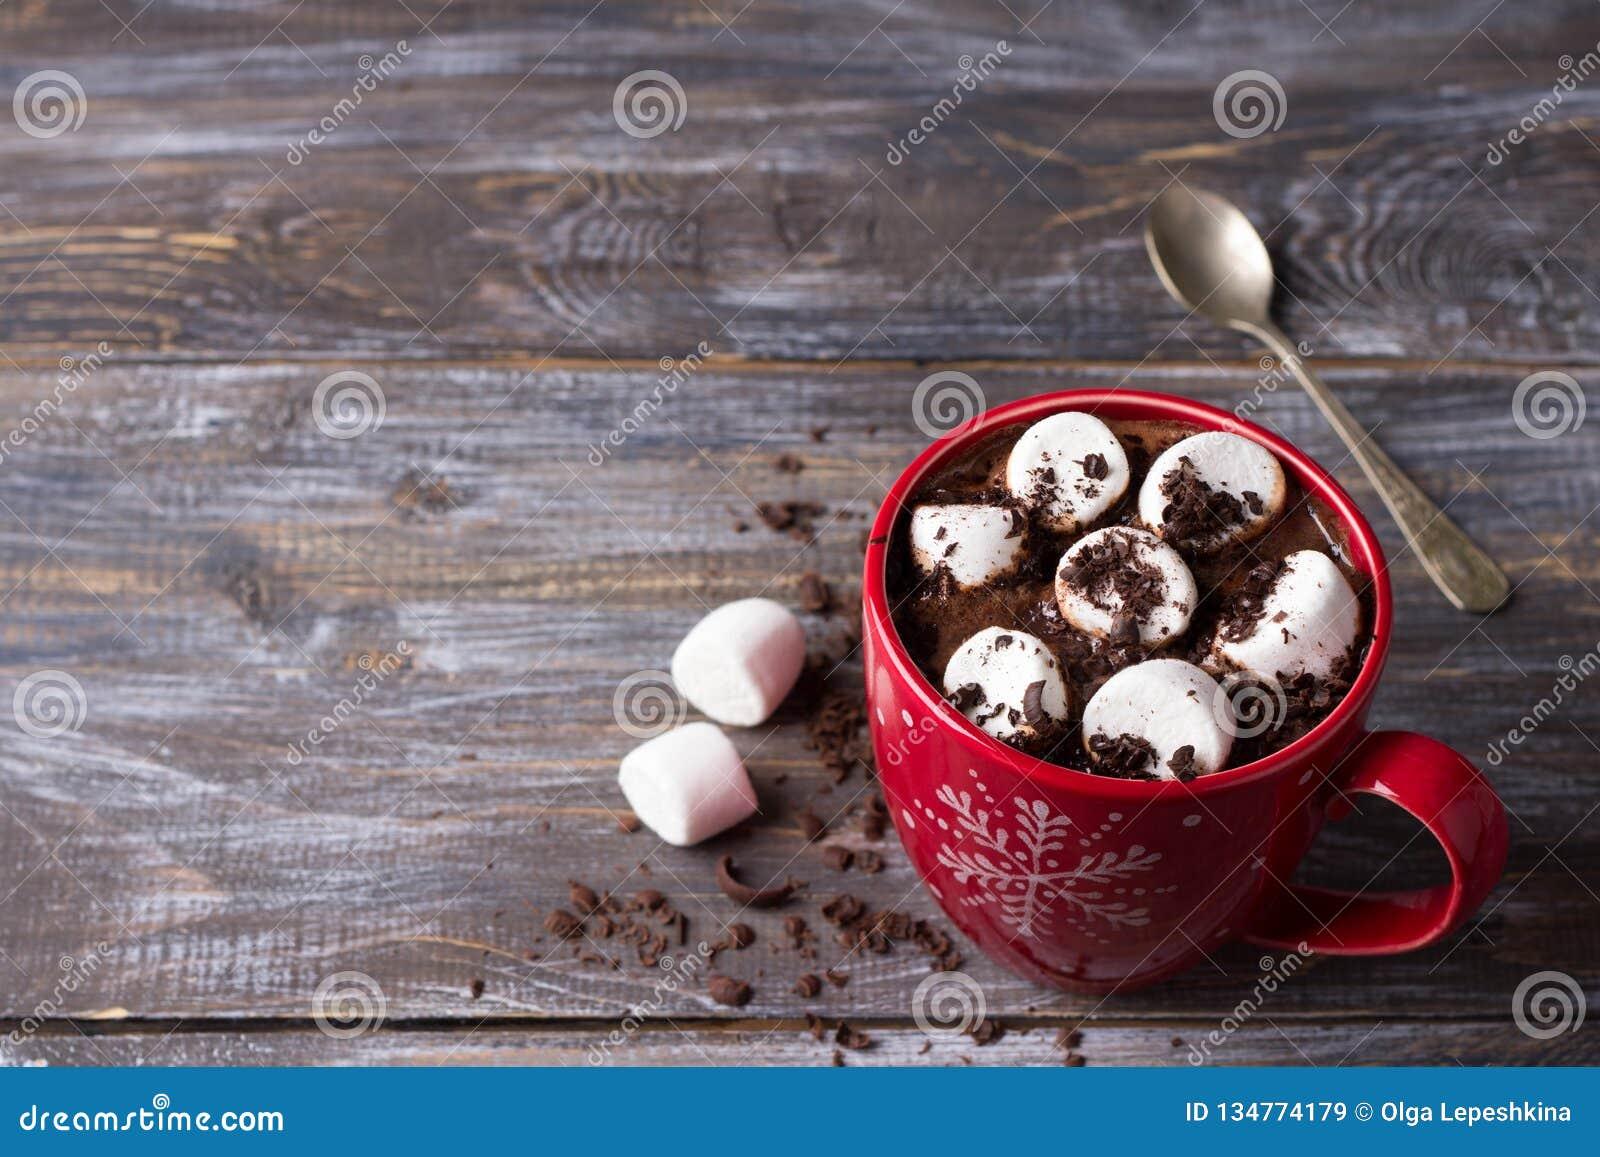 Chocolate quente com marshmallows e chocolate raspado em uma caneca vermelha em uma tabela de madeira